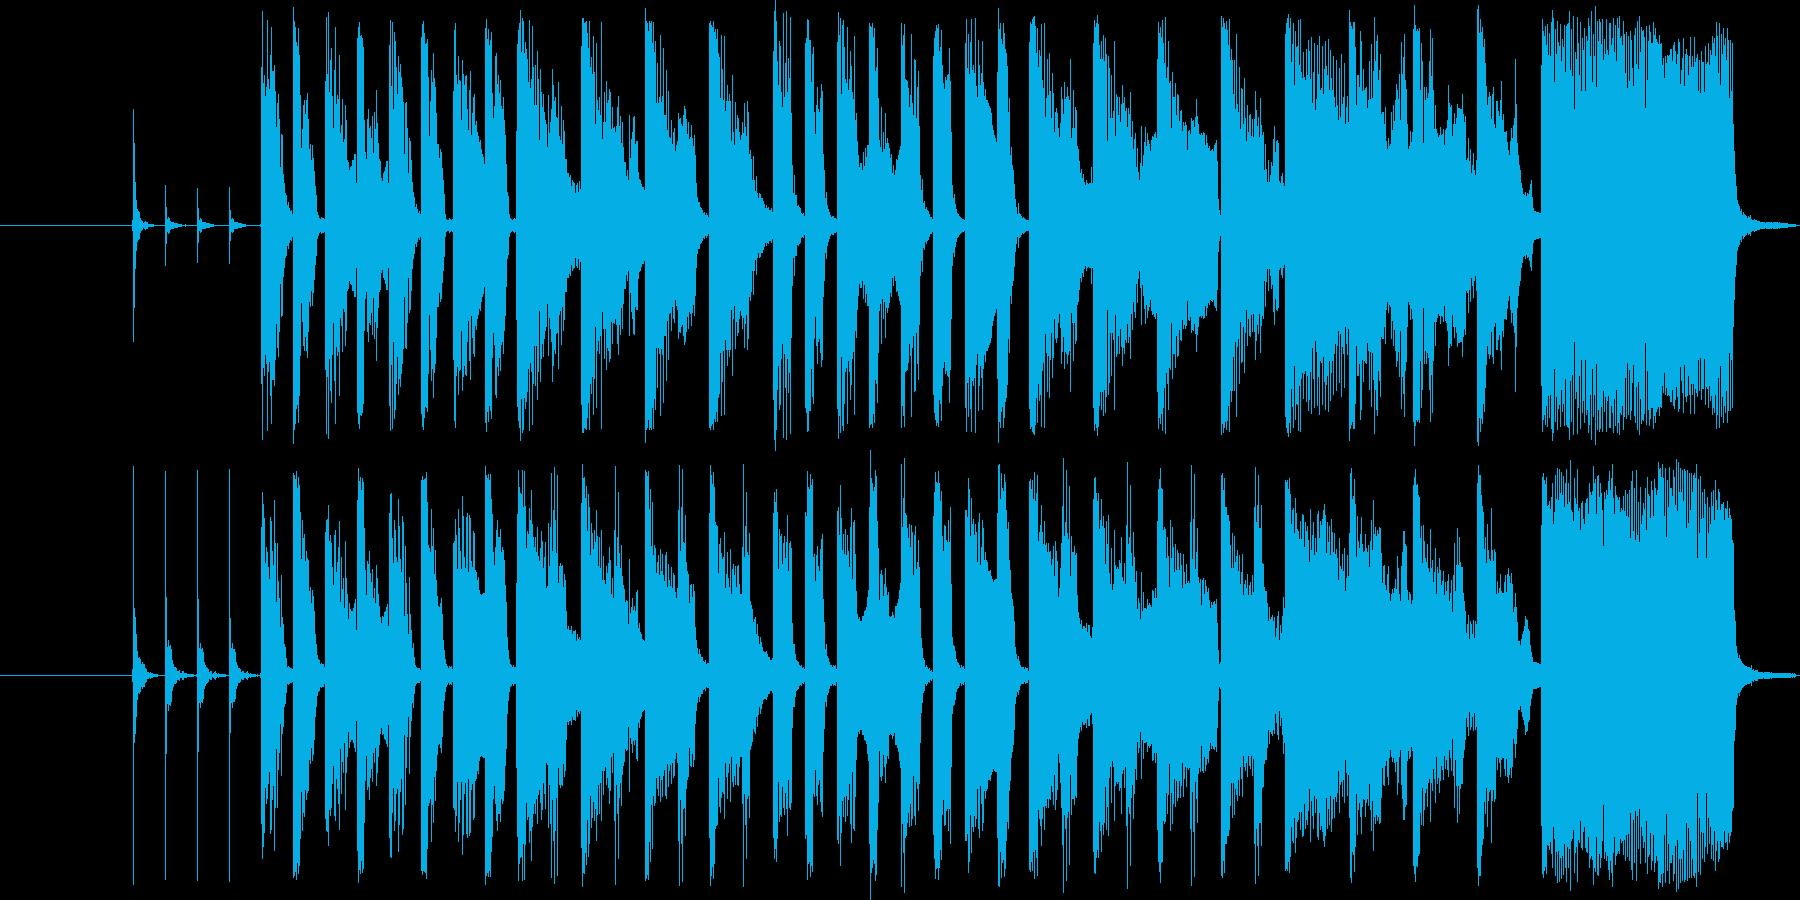 子供のワクワクする15秒CM曲の再生済みの波形